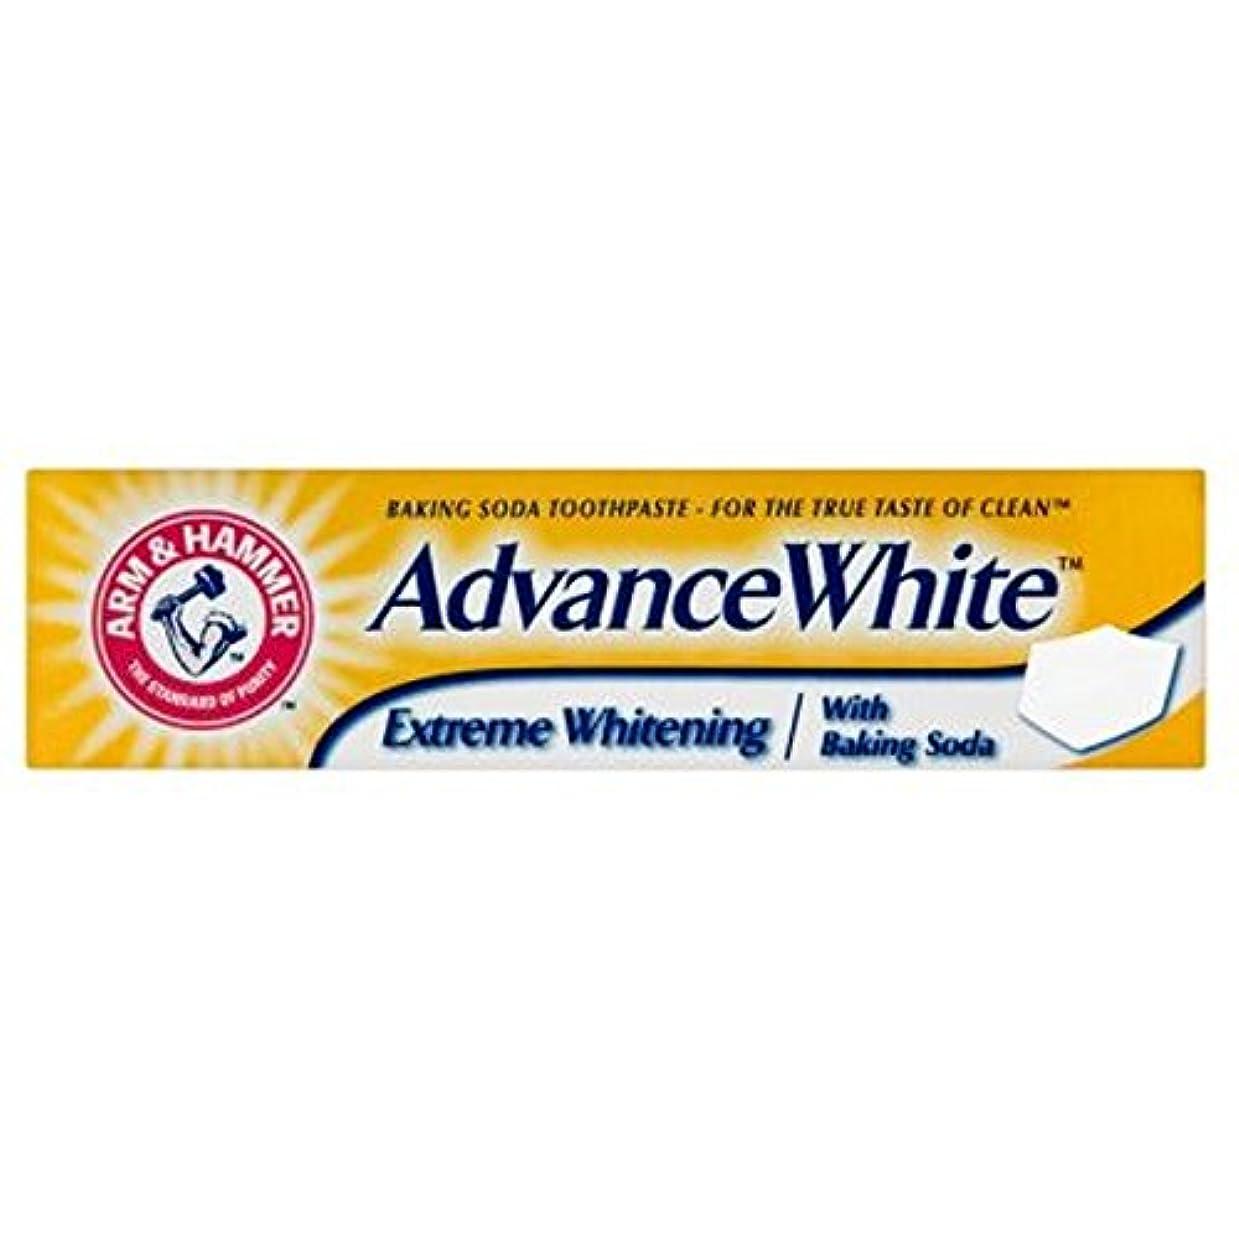 コスチューム過度の再発する重曹歯磨き粉75ミリリットルをホワイトニングアーム&ハンマー事前白極端 (Arm & Hammer) (x2) - Arm & Hammer Advance White Extreme Whitening Baking...